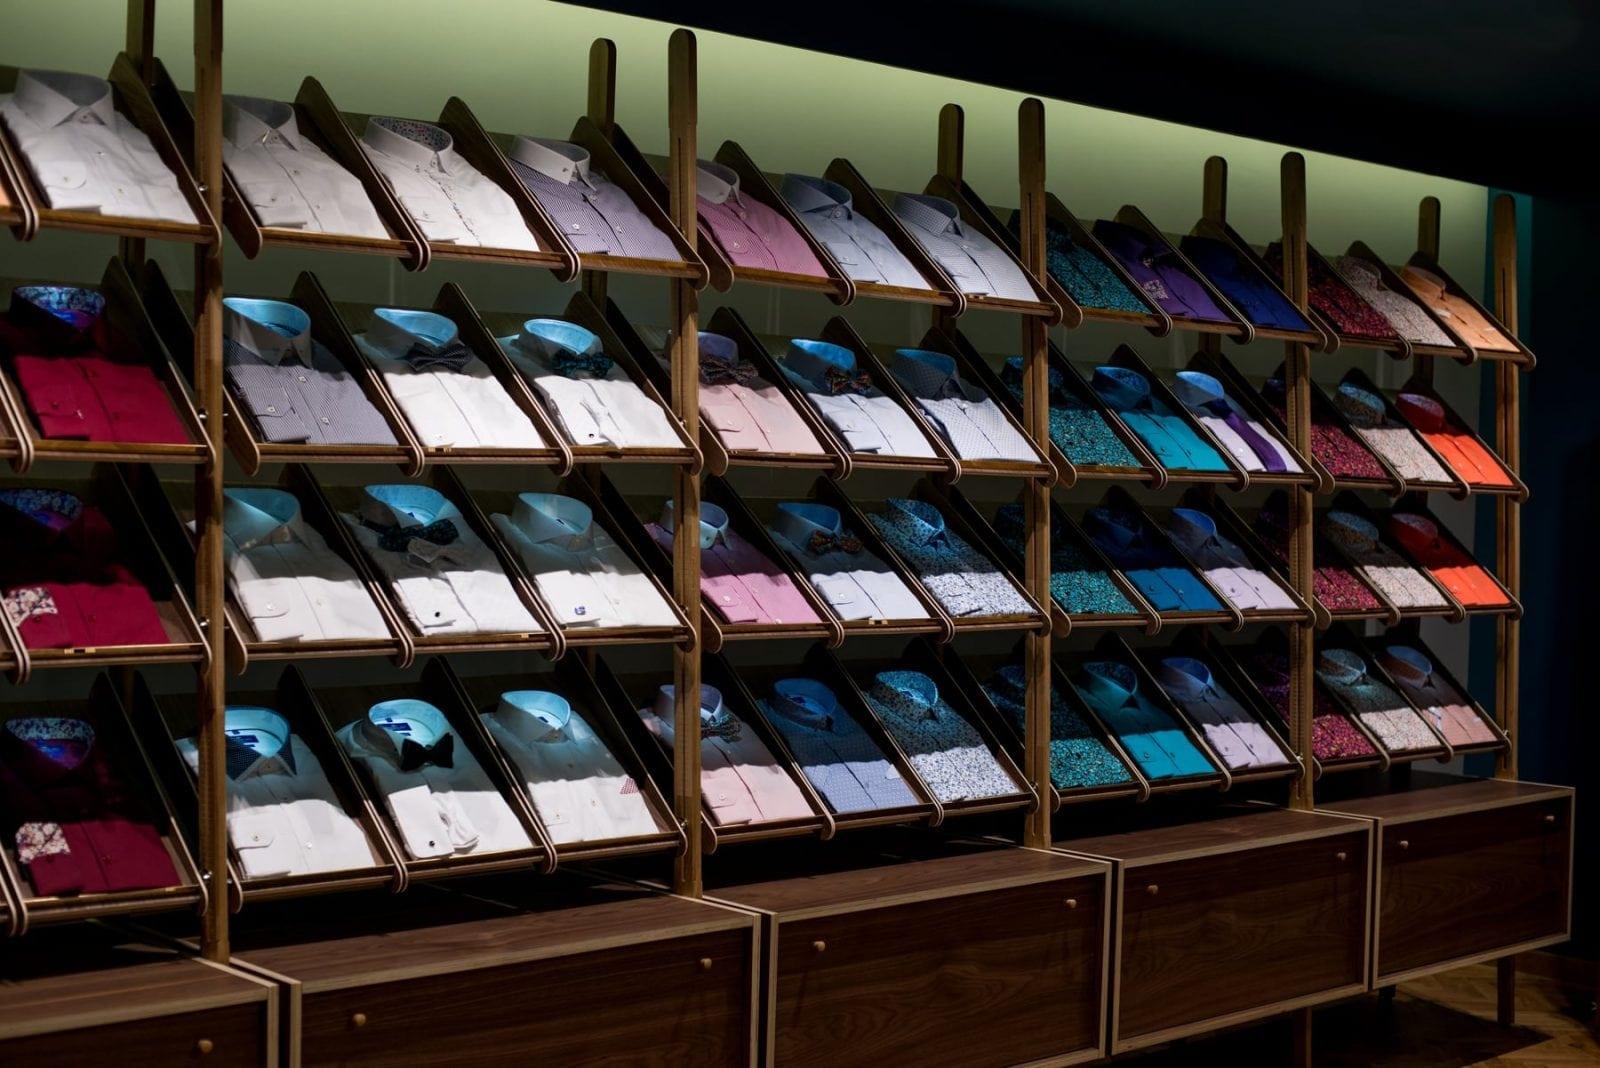 3 - Braiconf, în cadrul galeriilor comerciale The Grand Avenue din JW Marriott